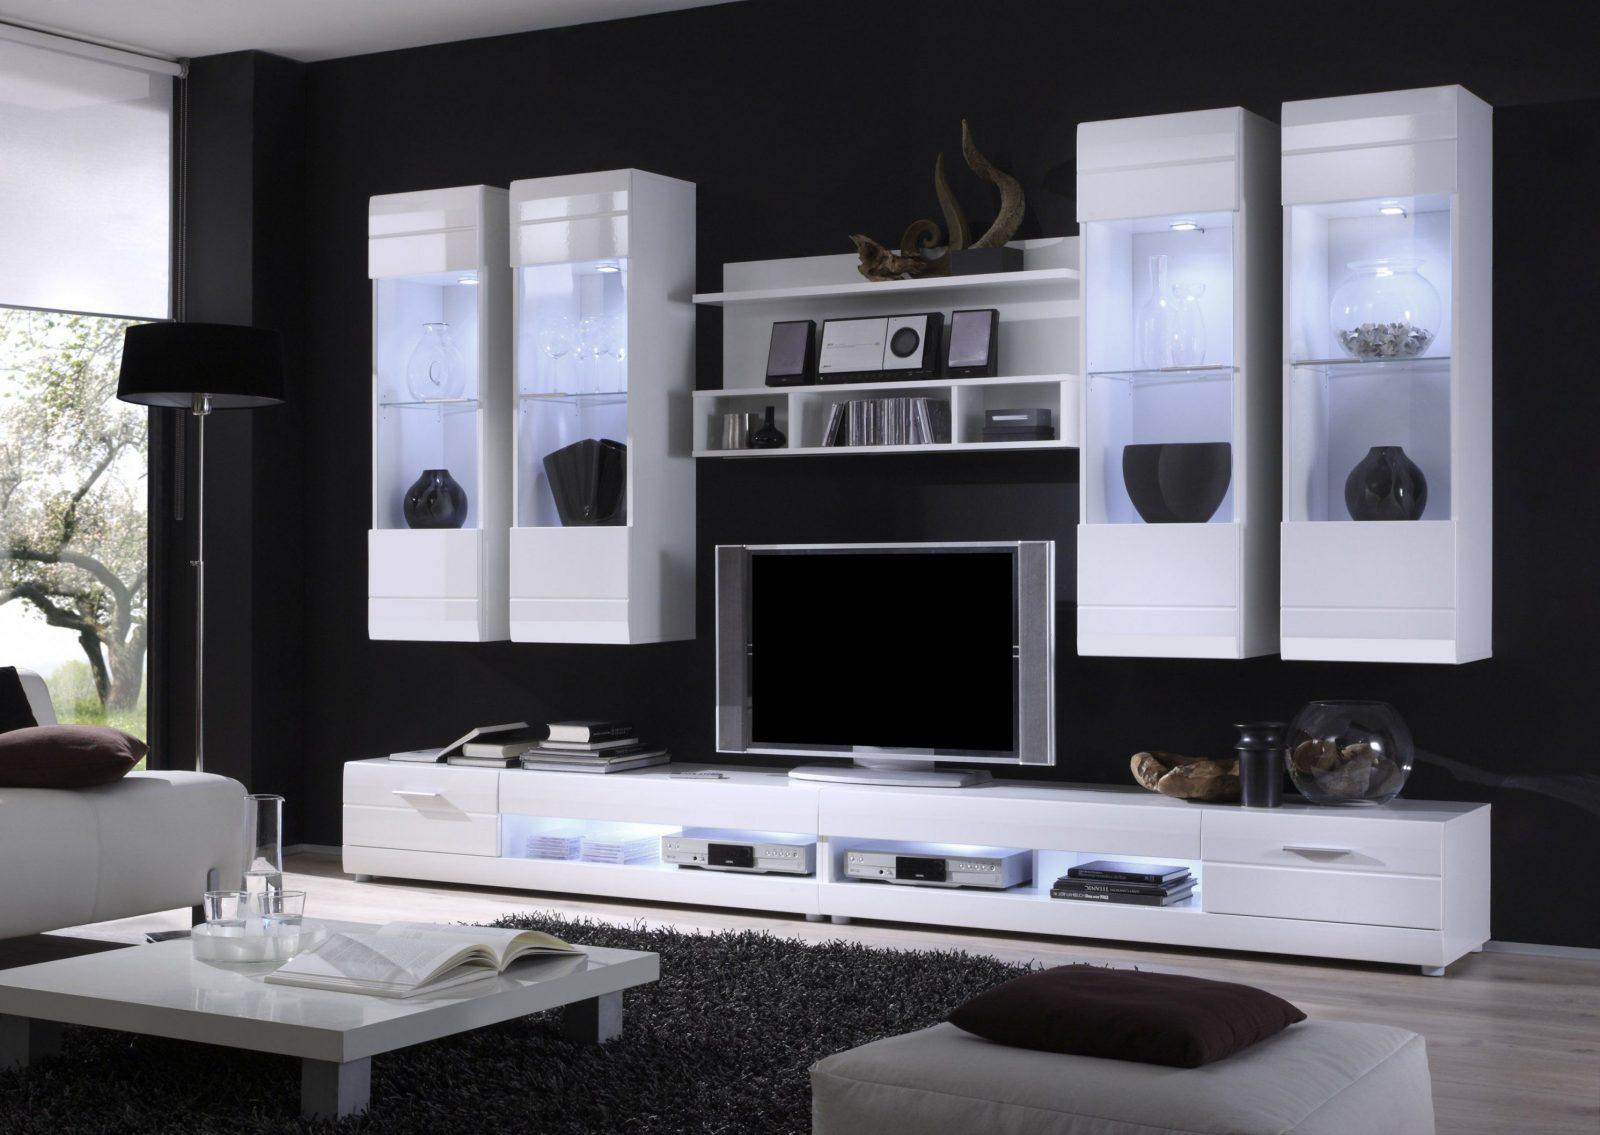 Schrankwand Weiß Hochglanz Furchterregend Auf Kreative Deko Ideen von Wohnwand Schrankwand Weiß Hochglanz Bild